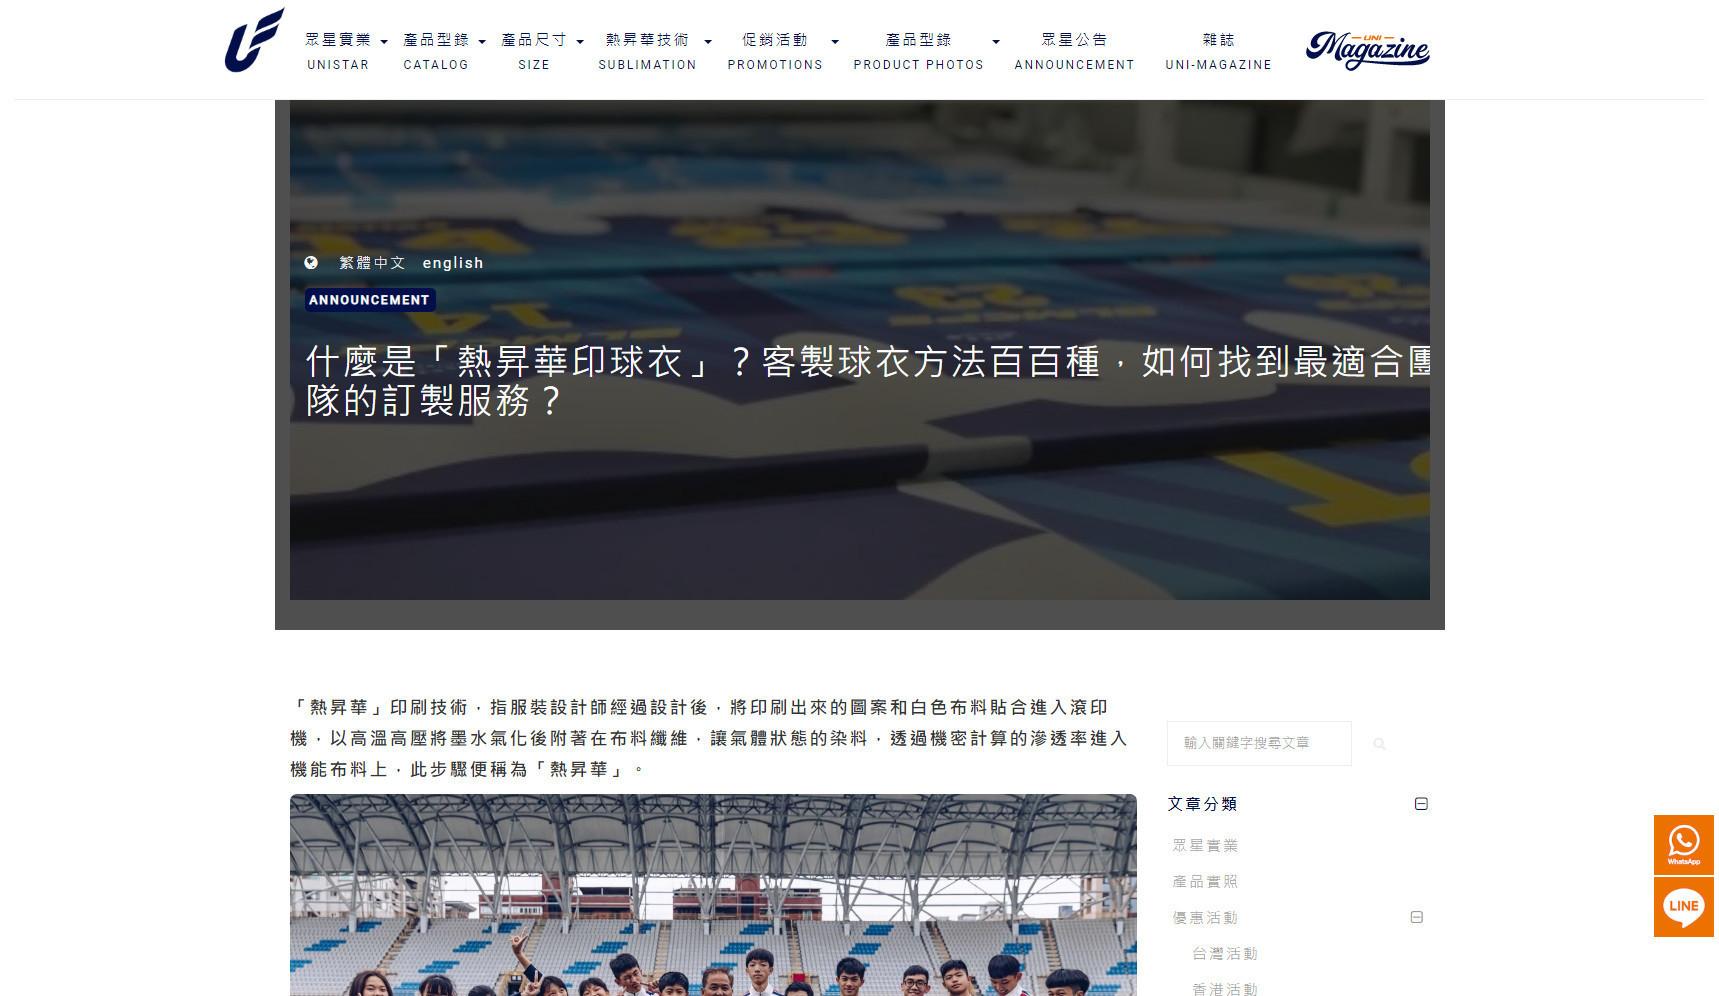 台北SEO網頁優化成功案例-眾星實業部落格|鯊客科技SEO優化網站設計成功案例